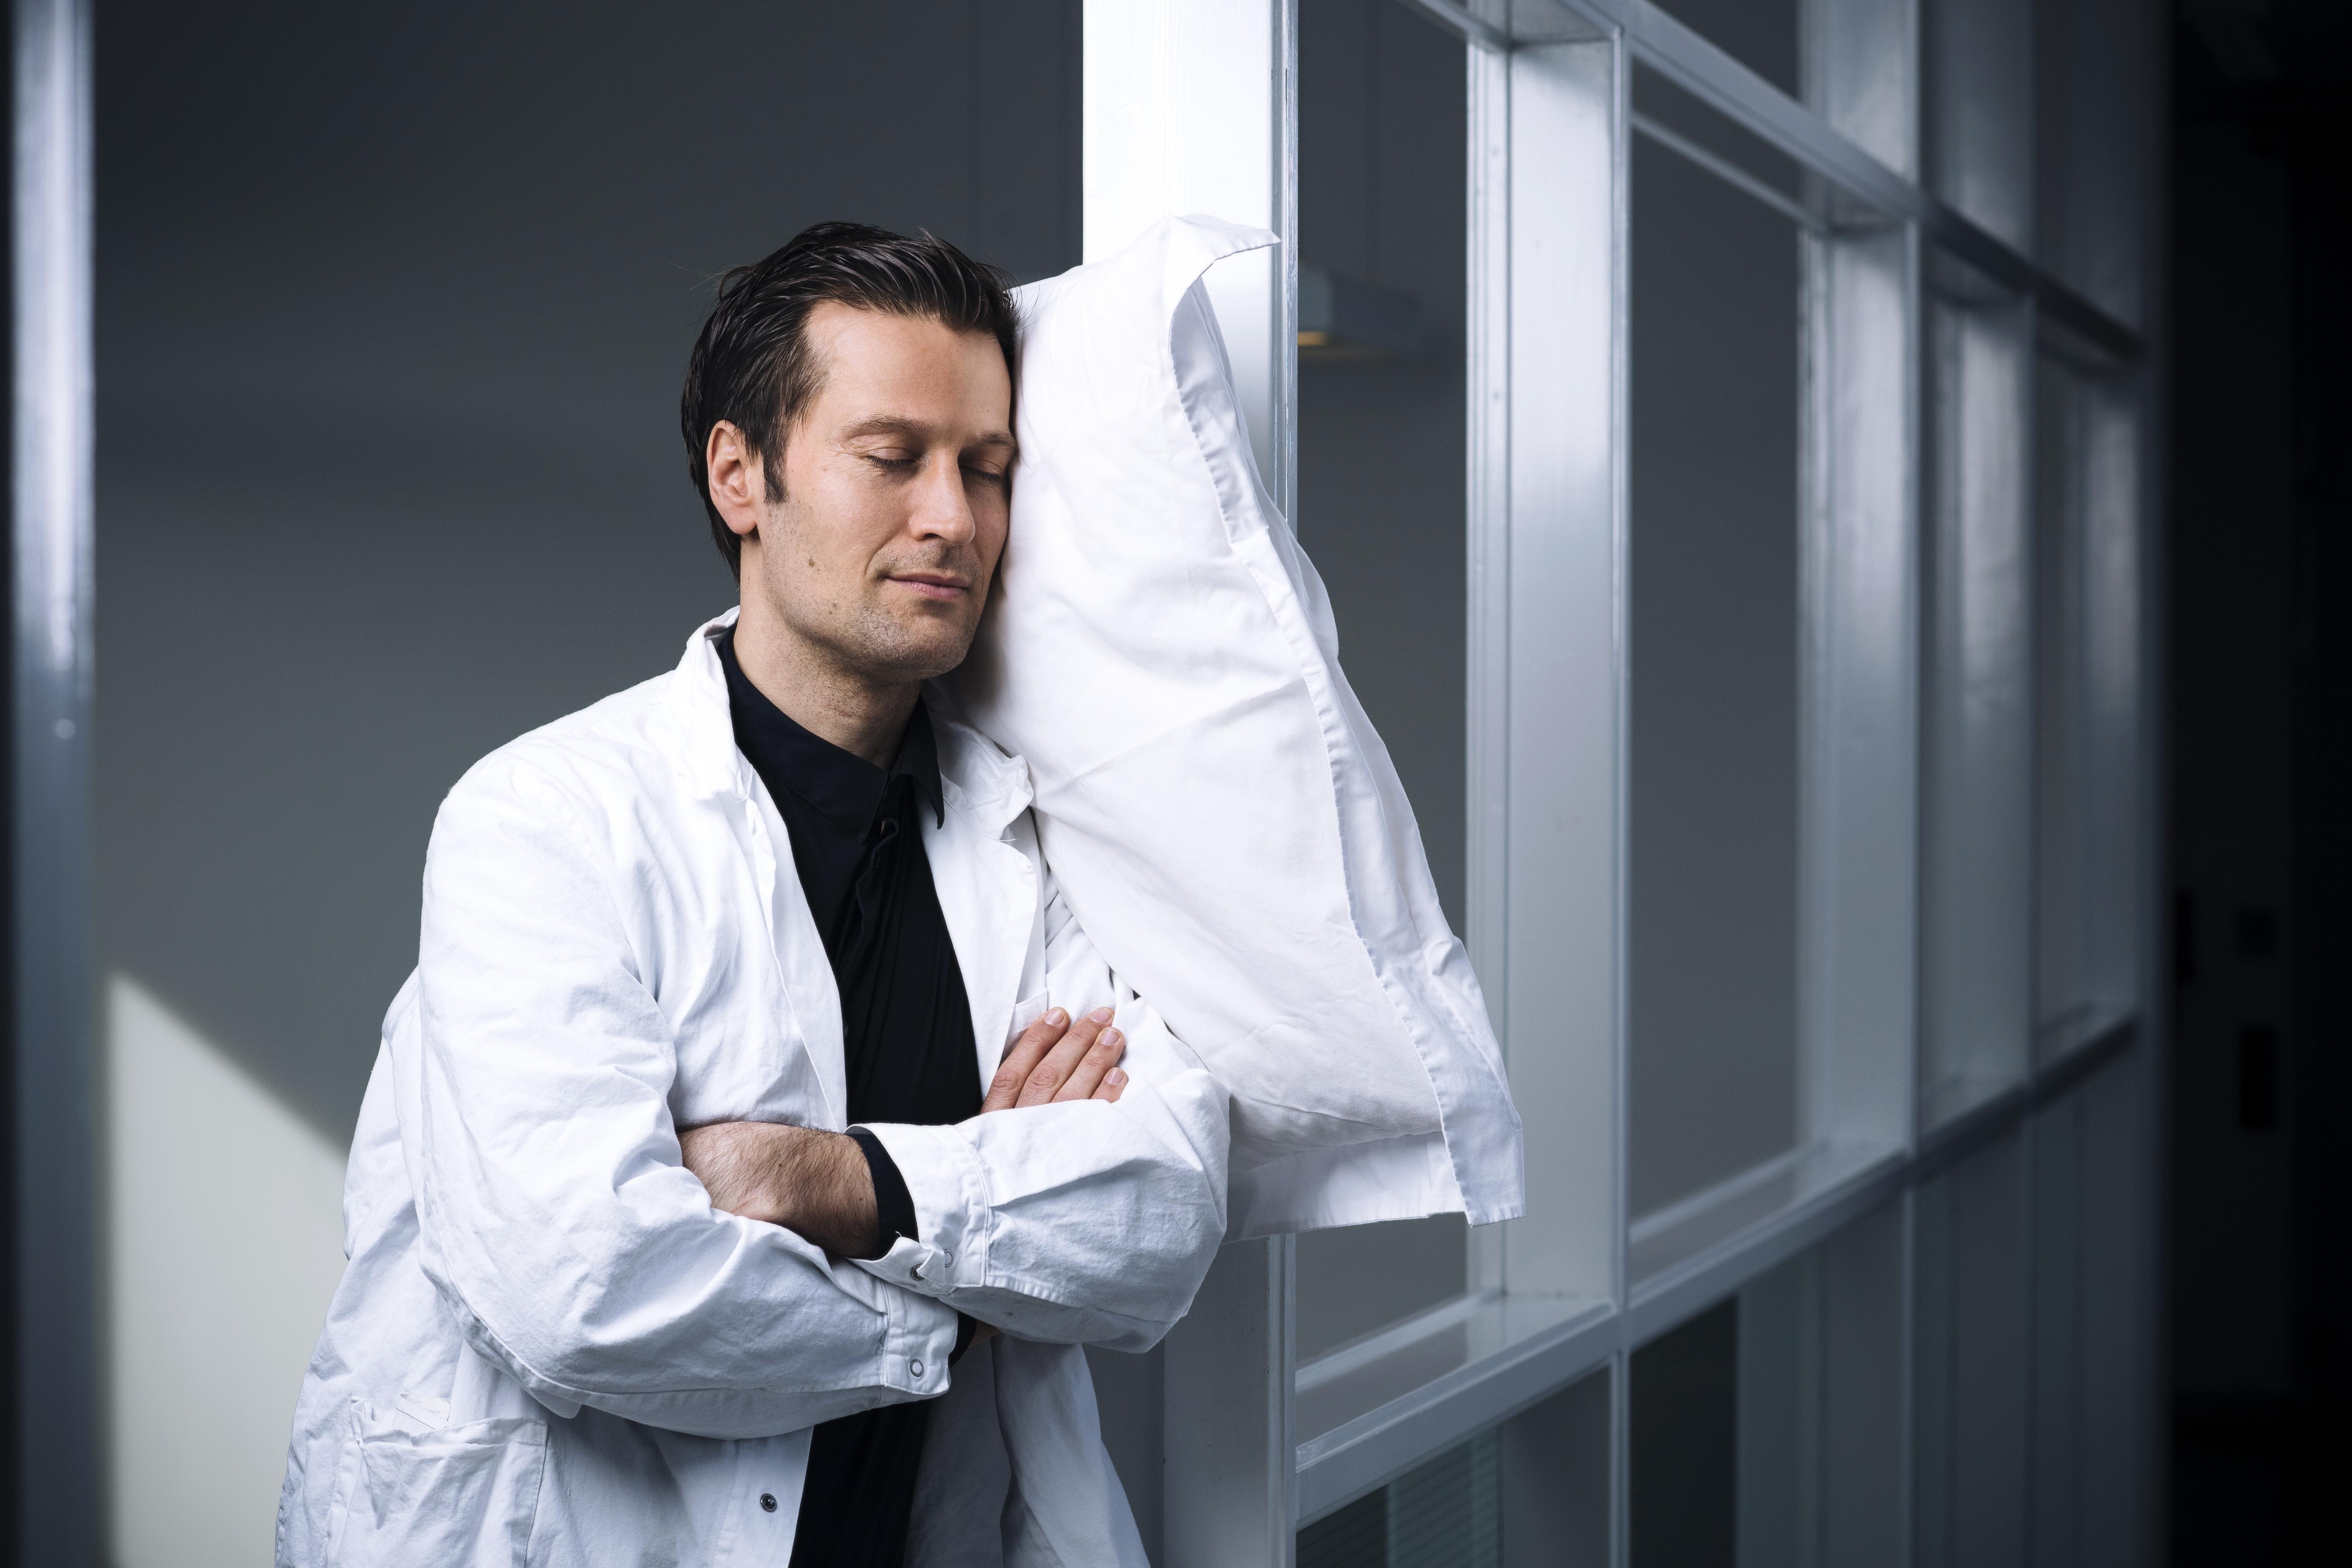 Lär dig sova som sömndoktorn Christian Benedict och hinn mer. FOTO STEFAN TELL